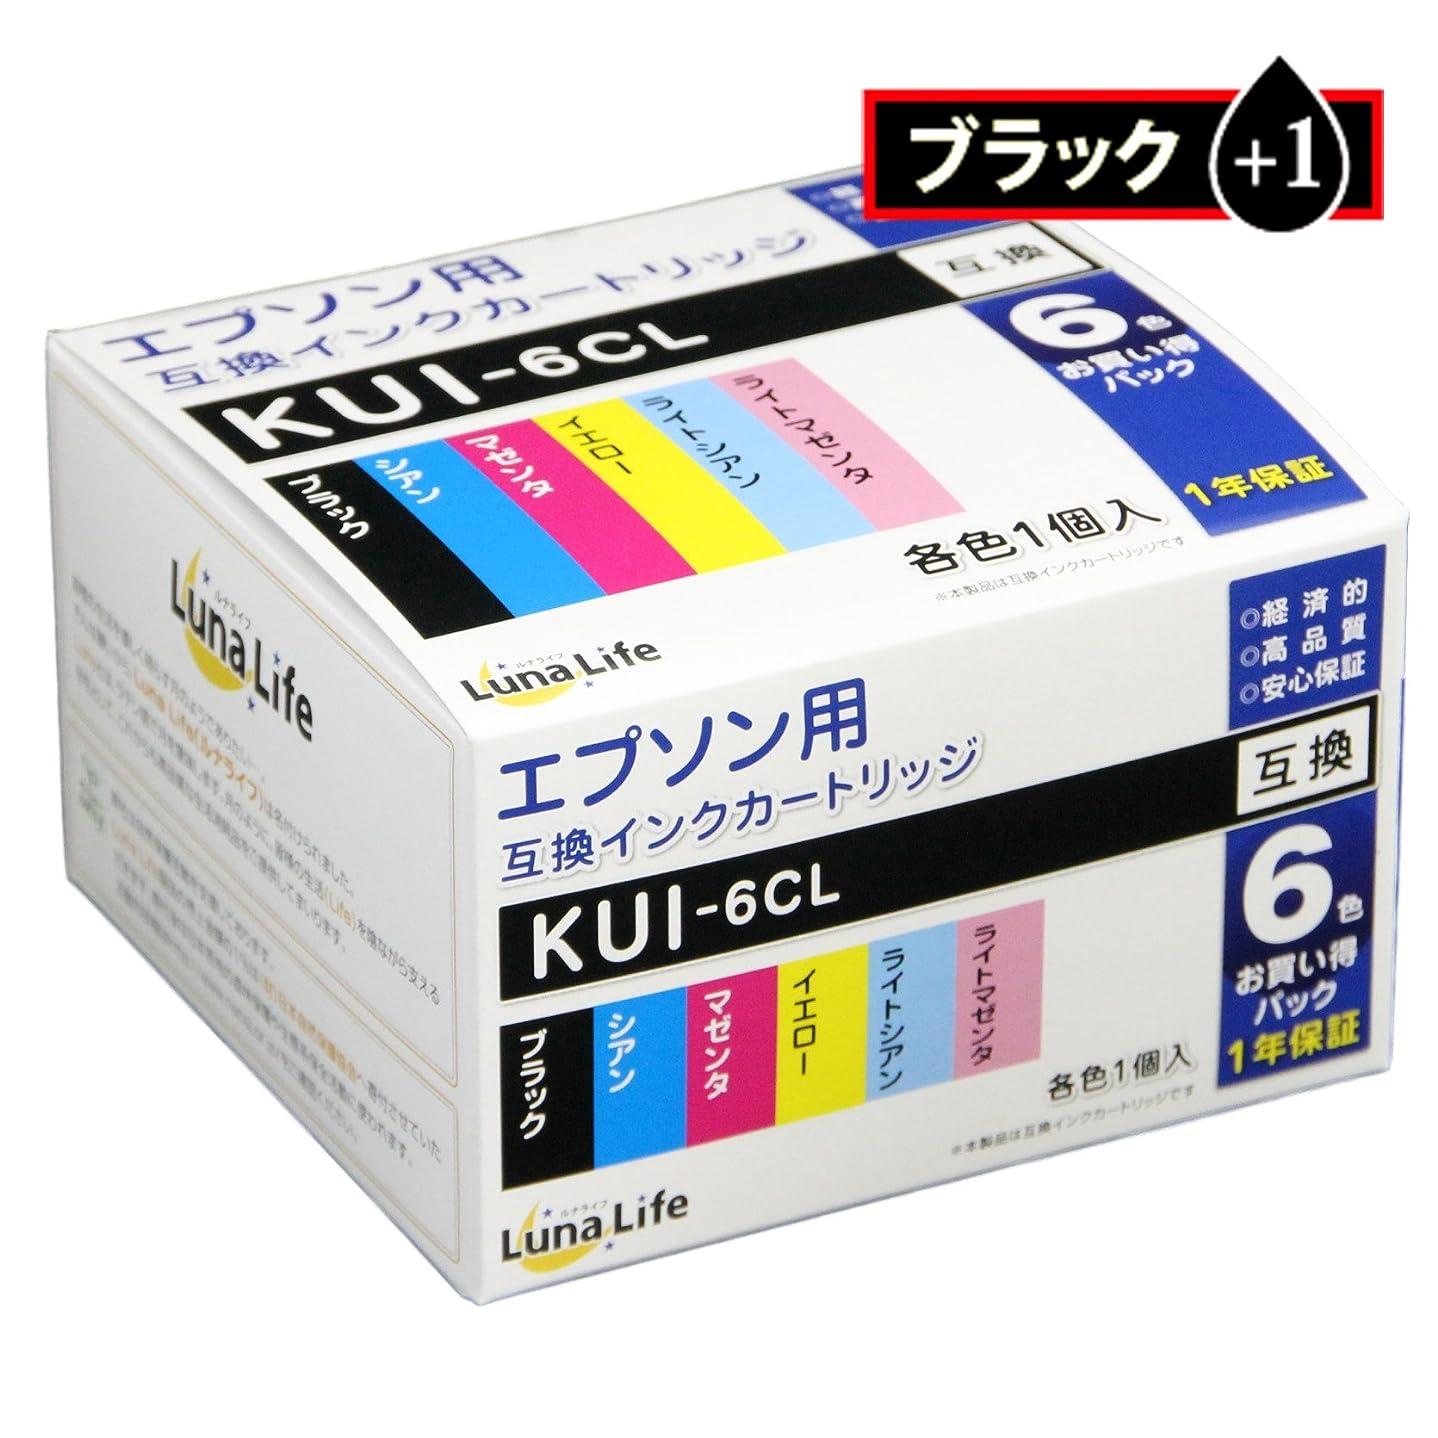 ペチコートバン交換可能エプソン用 互換インクカートリッジ EPSON KUI-6CL ブラック1本おまけ付き クマノミ 安心の1年保証 Luna Life ルナライフ EPSON LN EP KUI/6P BK+1